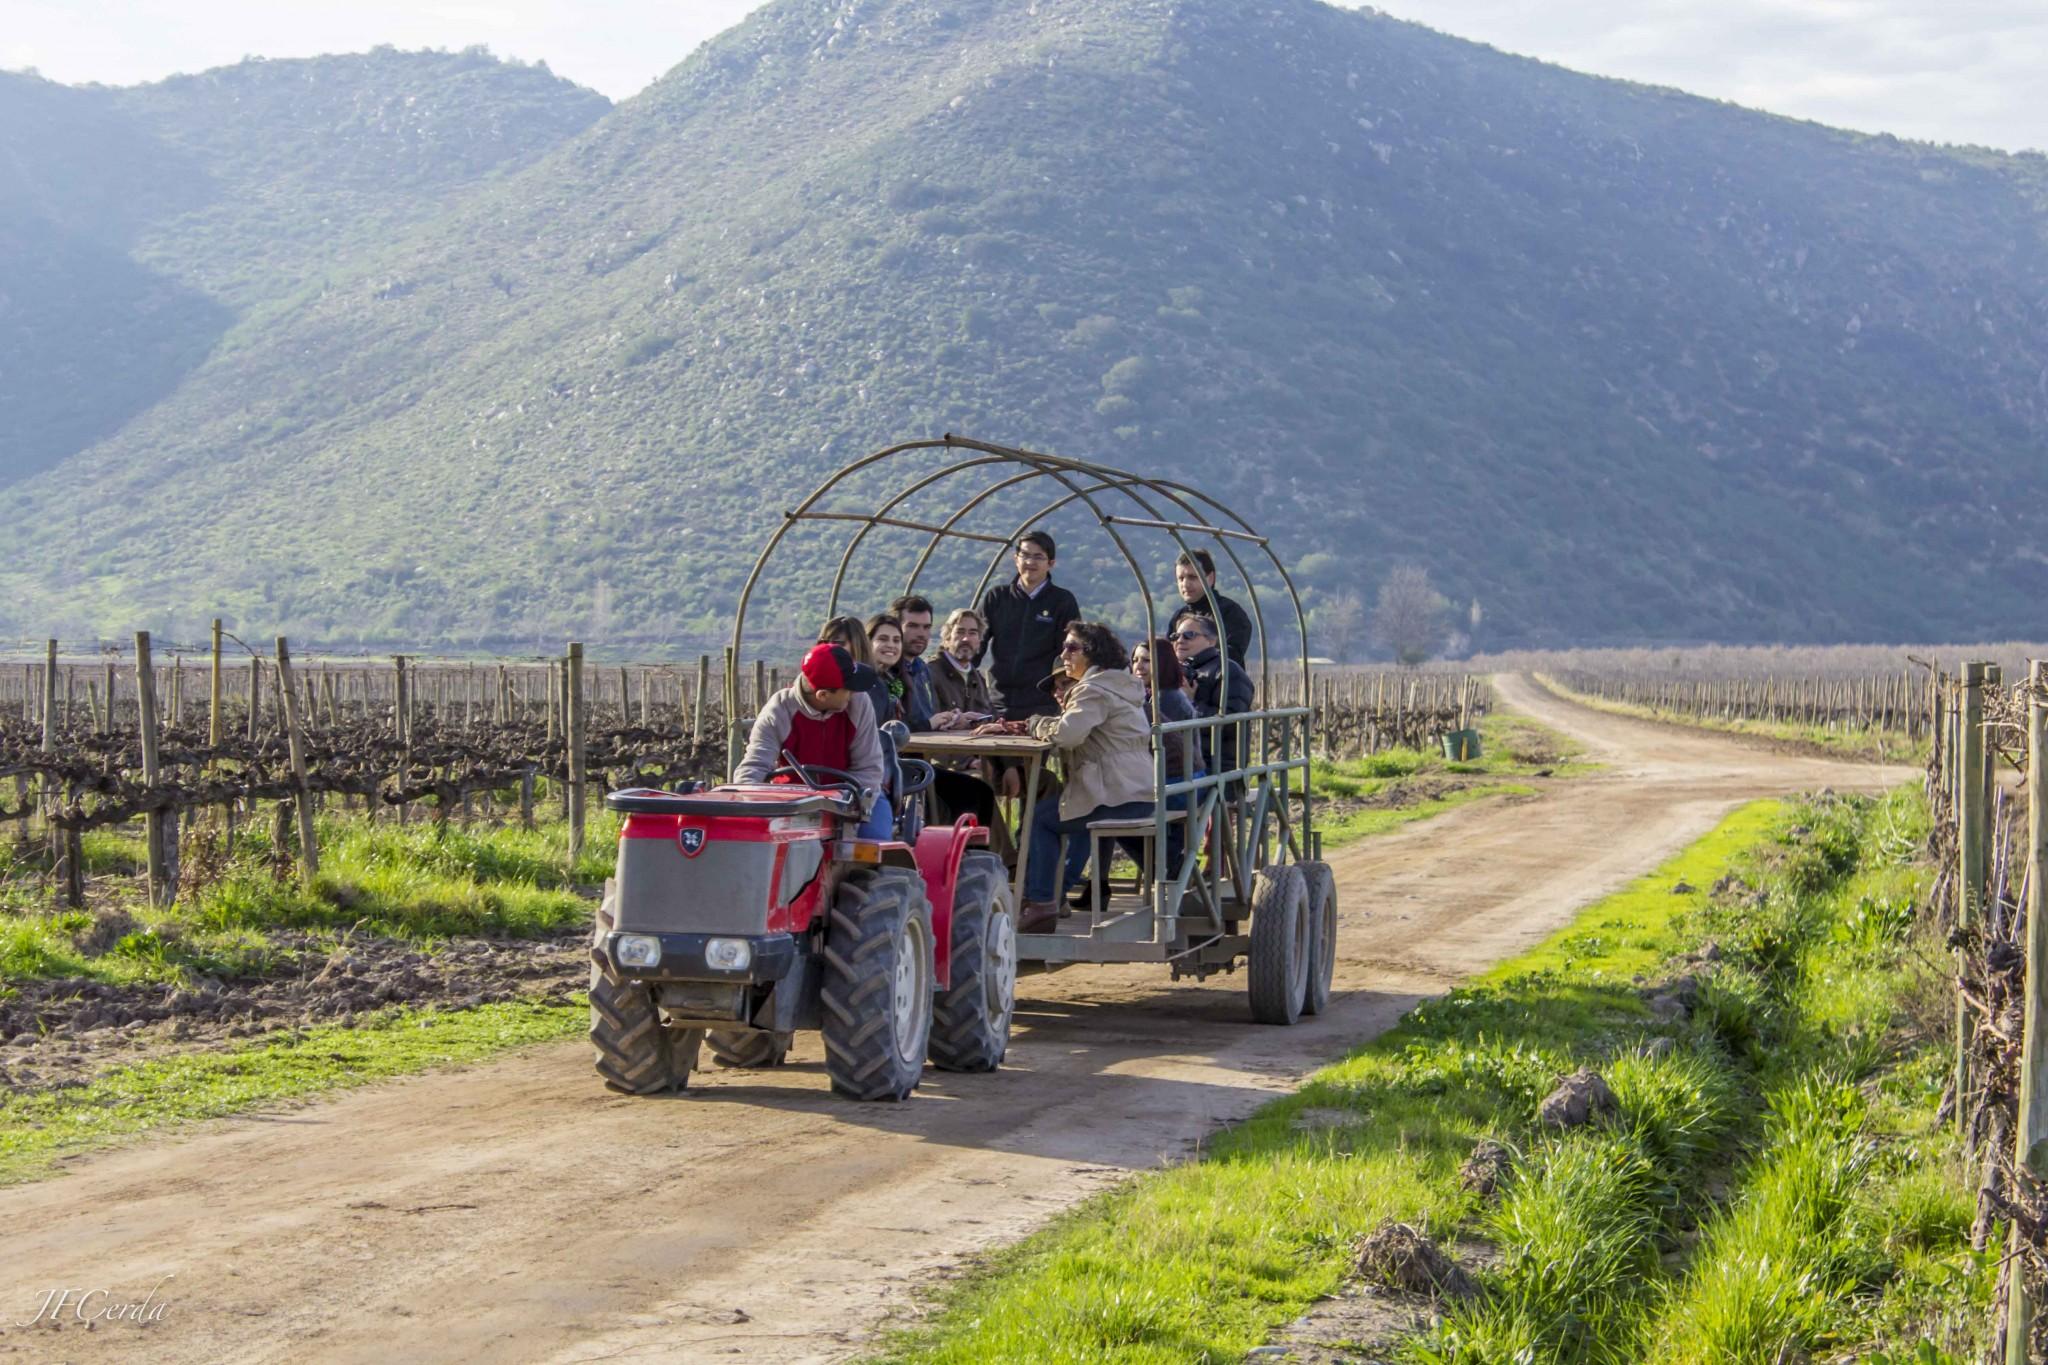 Terramater lanza versión de su tour en coloso con degustación de vinos y aceite de oliva